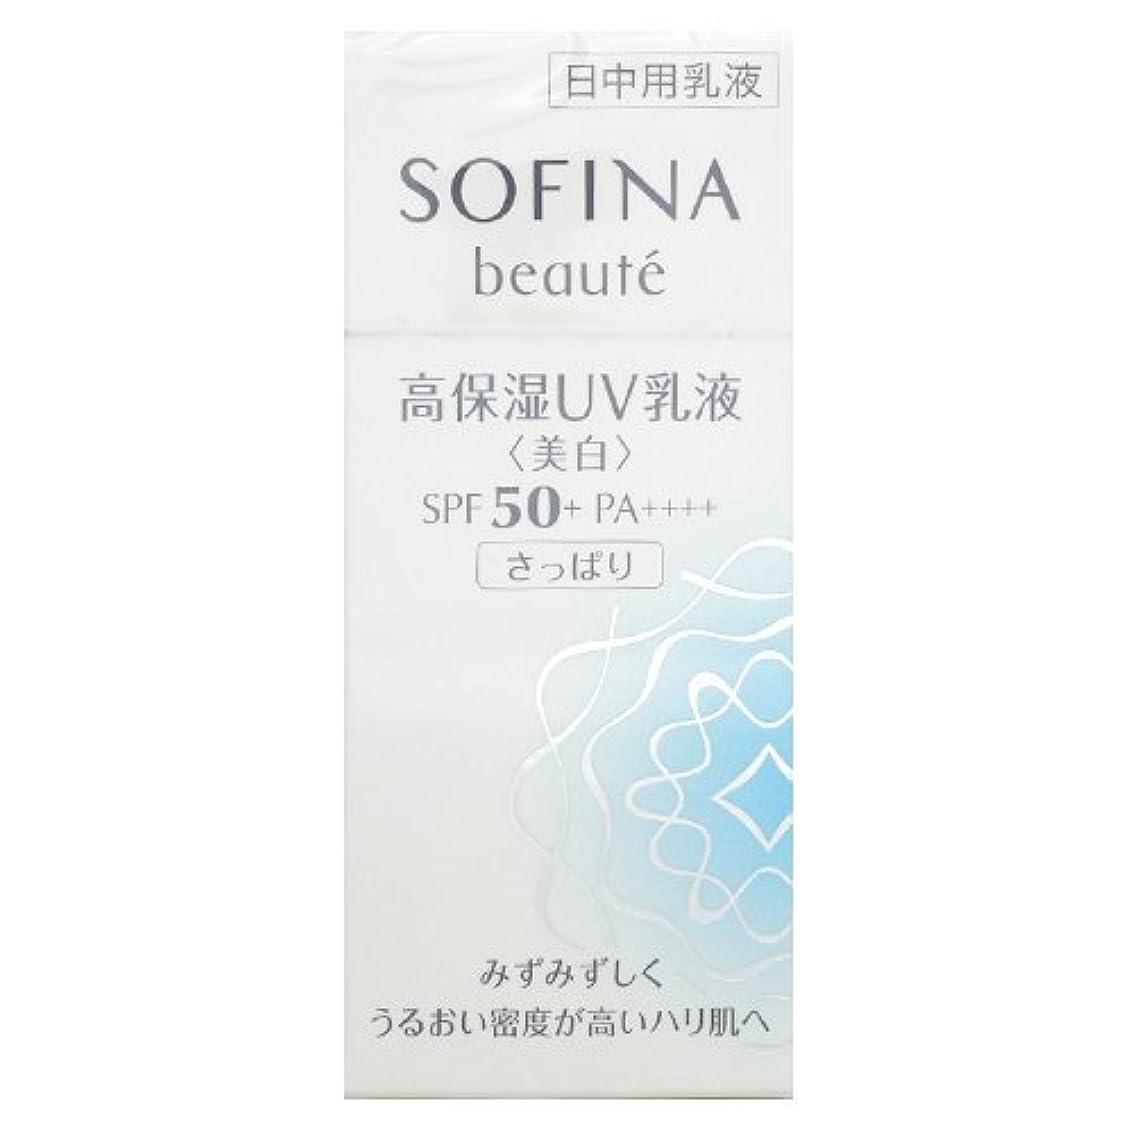 花王 ソフィーナ ボーテ SOFINA beaute 高保湿UV乳液 美白 SPF50+ PA++++ さっぱり 30mL [並行輸入品]